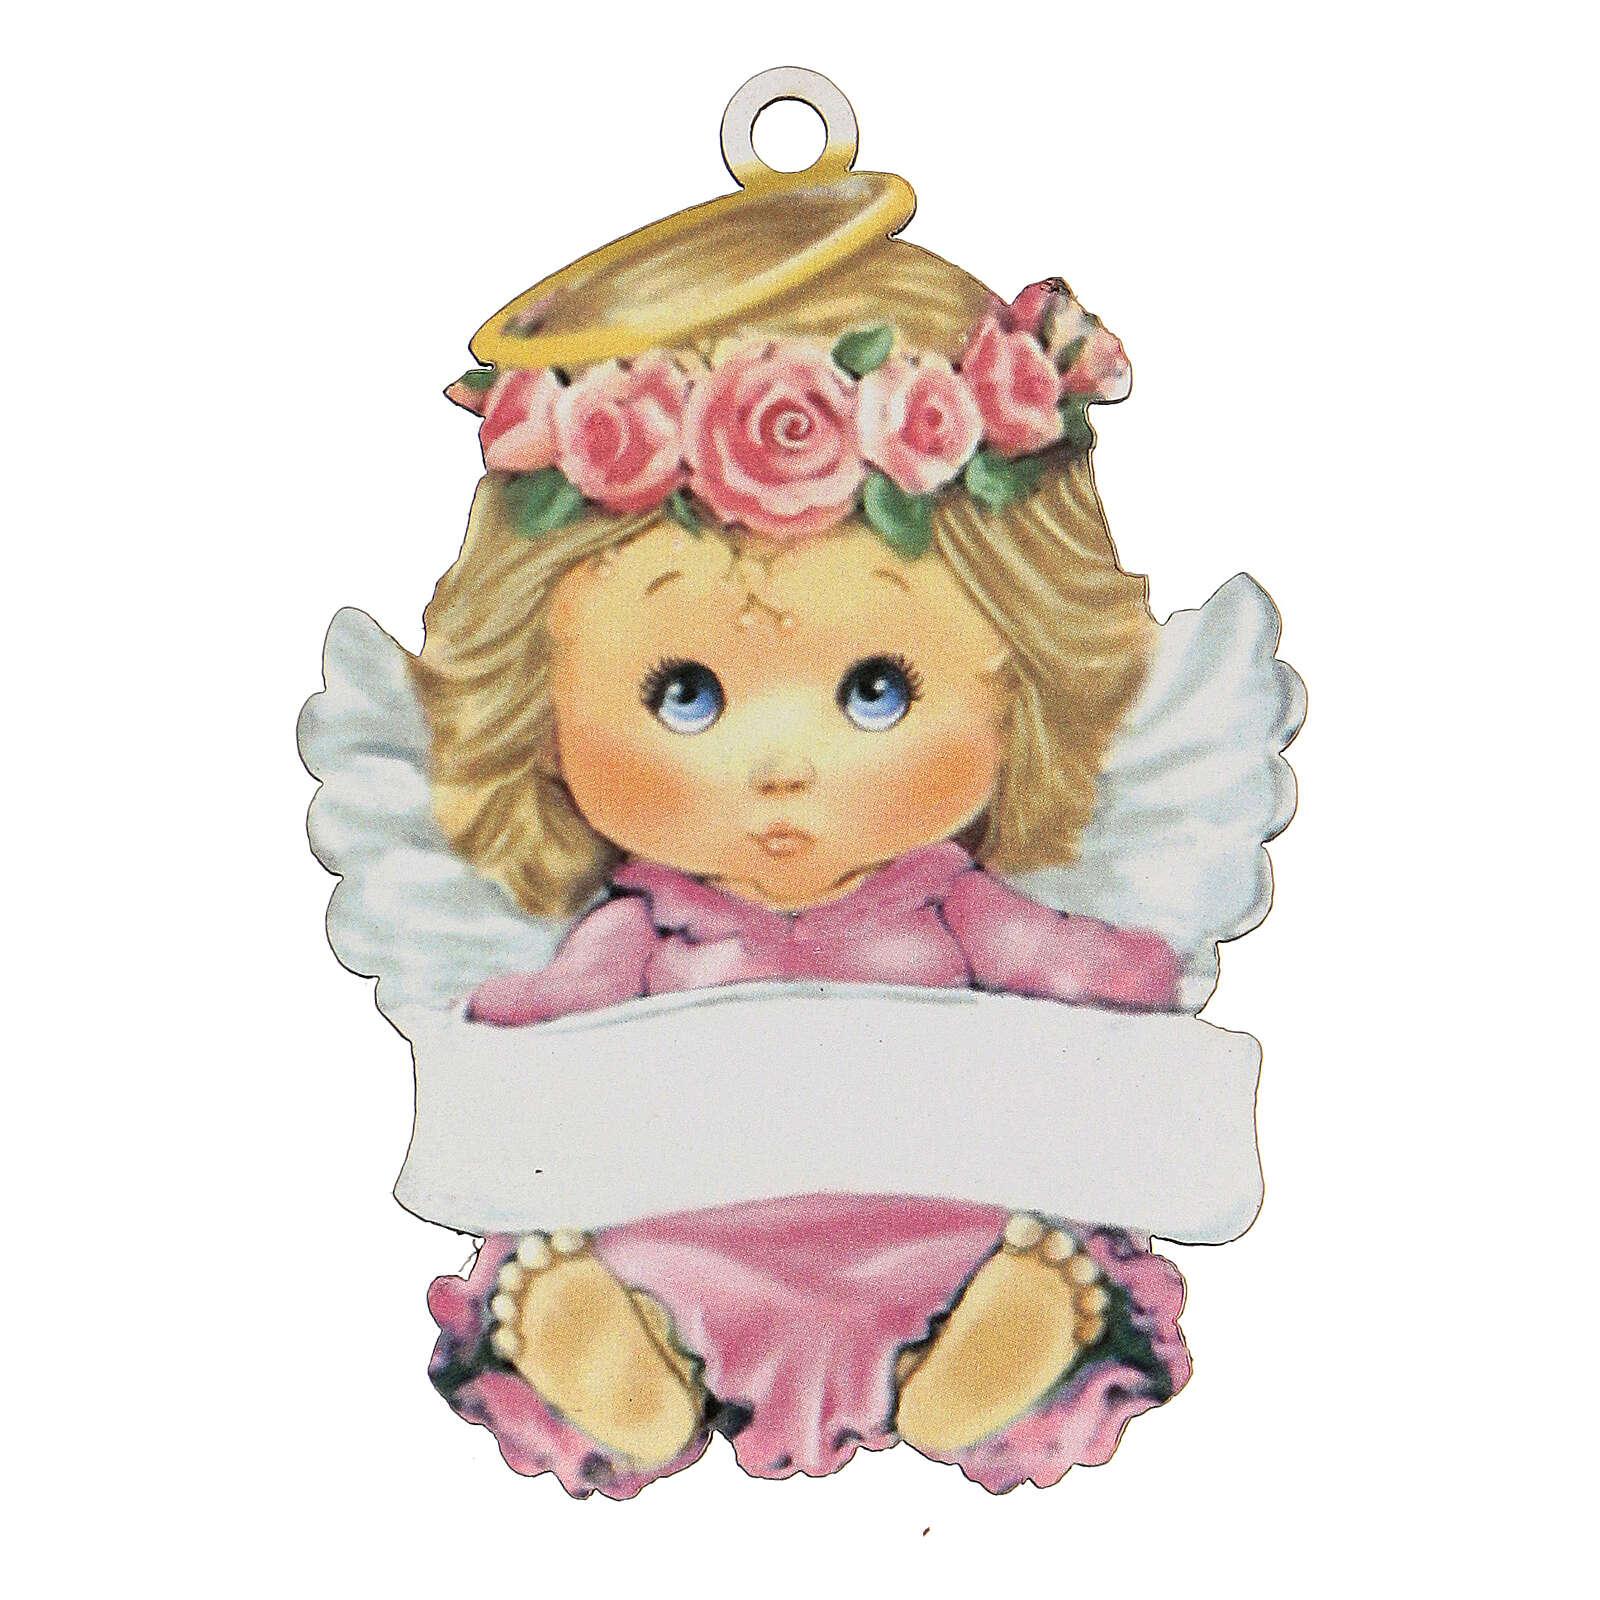 Souvenir petite fille ange 10 cm 3